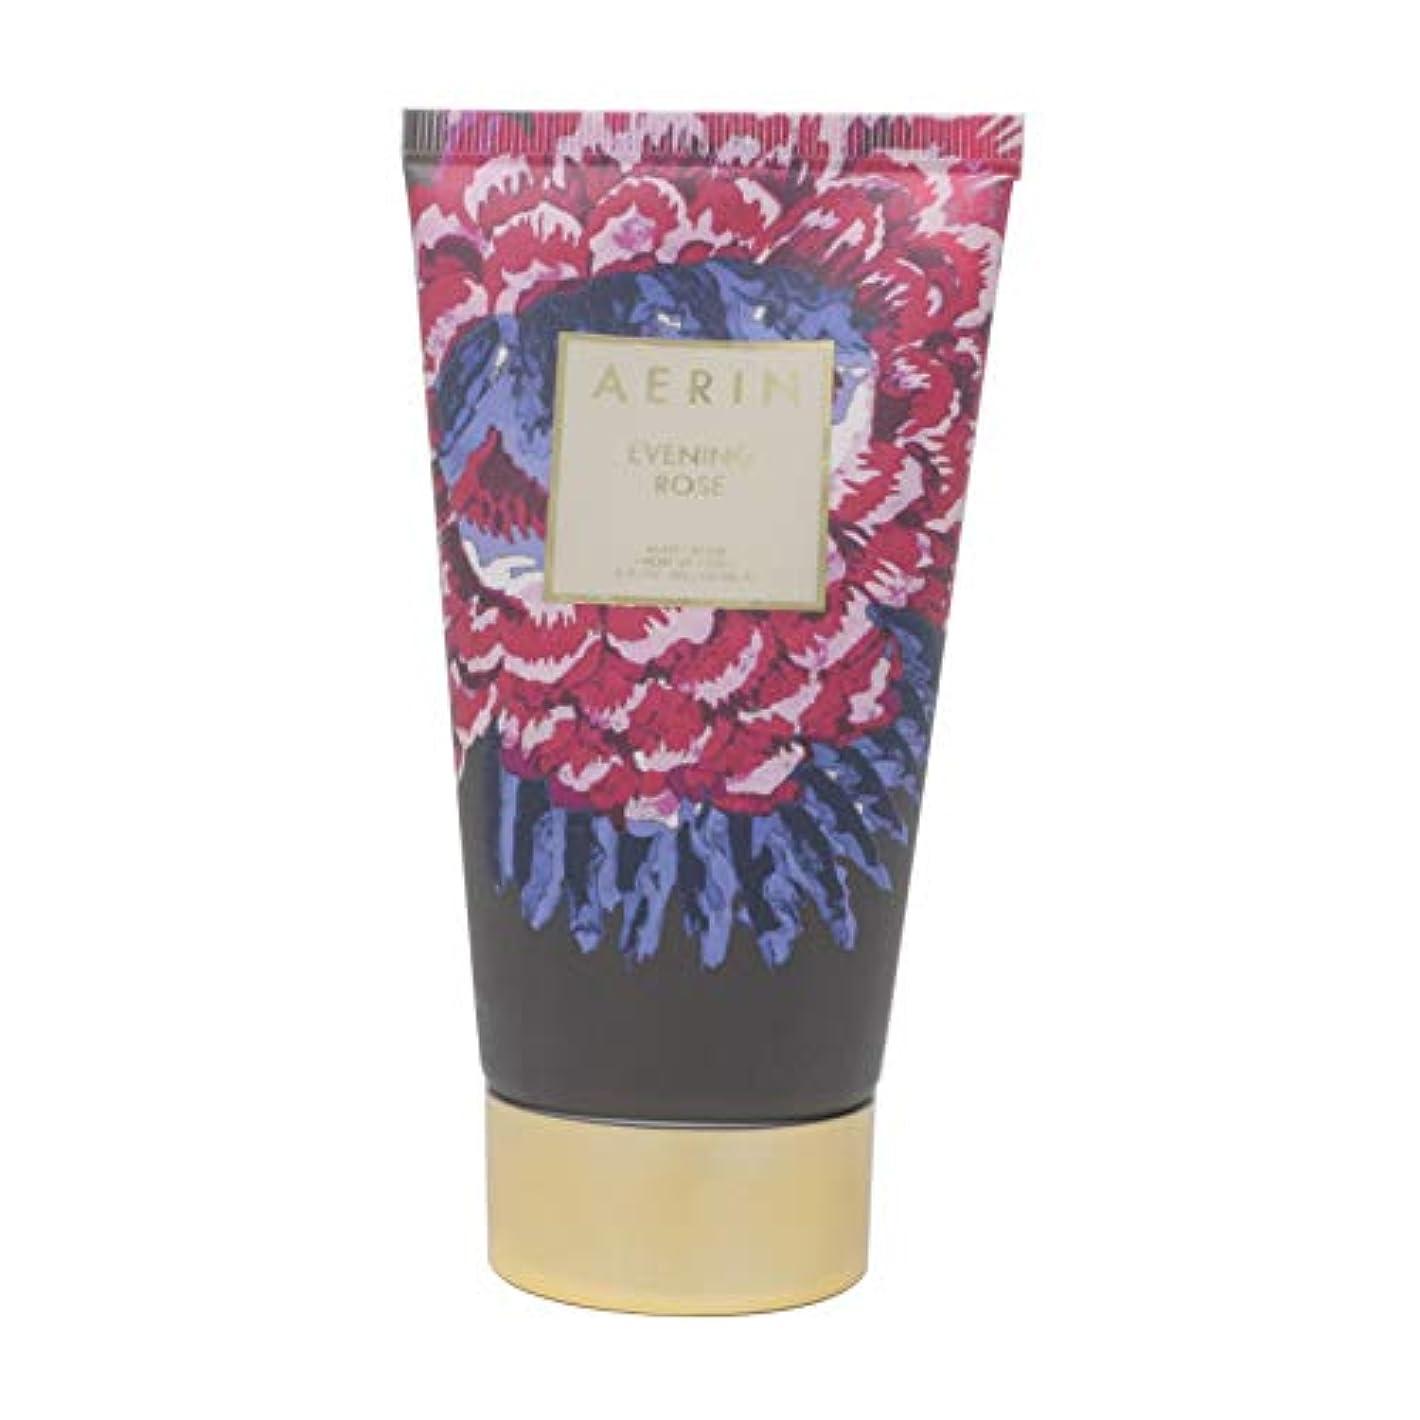 爆発物同盟スケッチAERIN 'Evening Rose' (アエリン イブニング ローズ) 5.0 oz (150ml) Body Cream ボディークリーム by Estee Lauder for Women